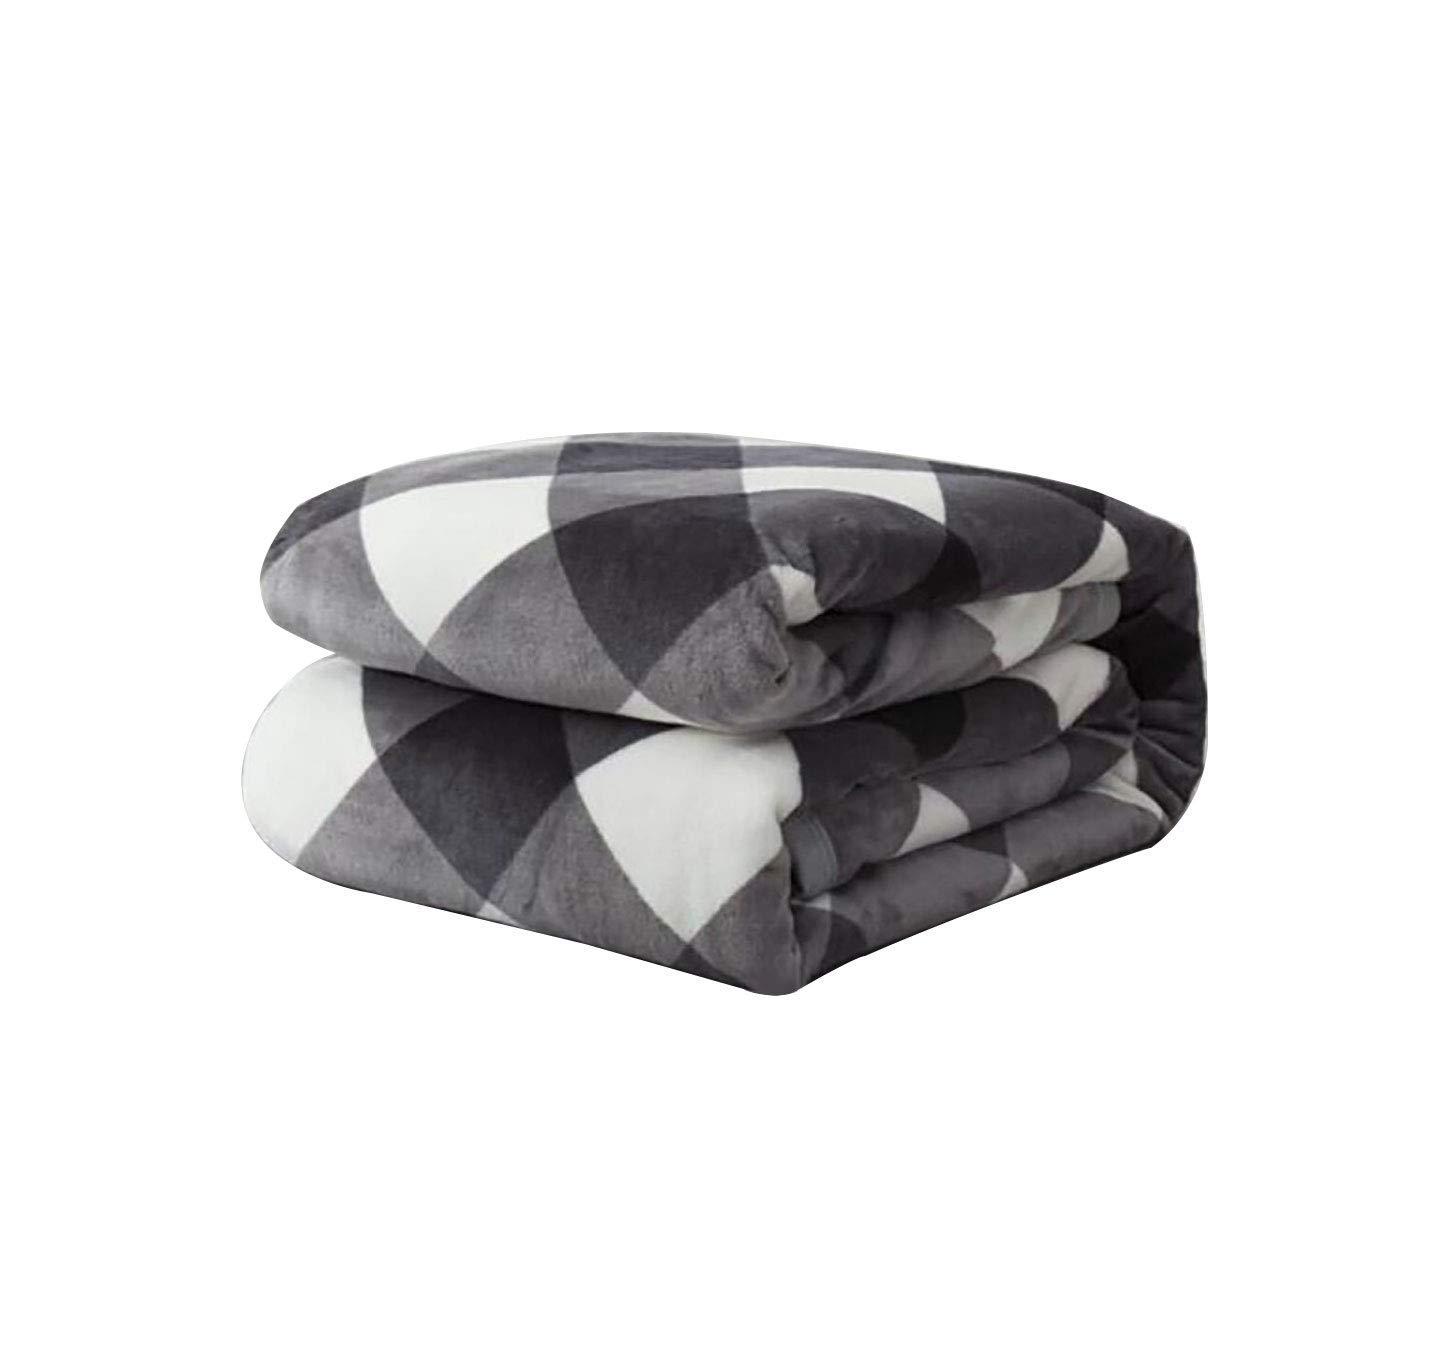 ソファ毛布のための投げ投げ、人工フリースを着用することができます多機能毛布小さな毛布ナップ毛布厚い毛布(色:A、サイズ:150&回; 200センチメートル) B07QNHZNJK